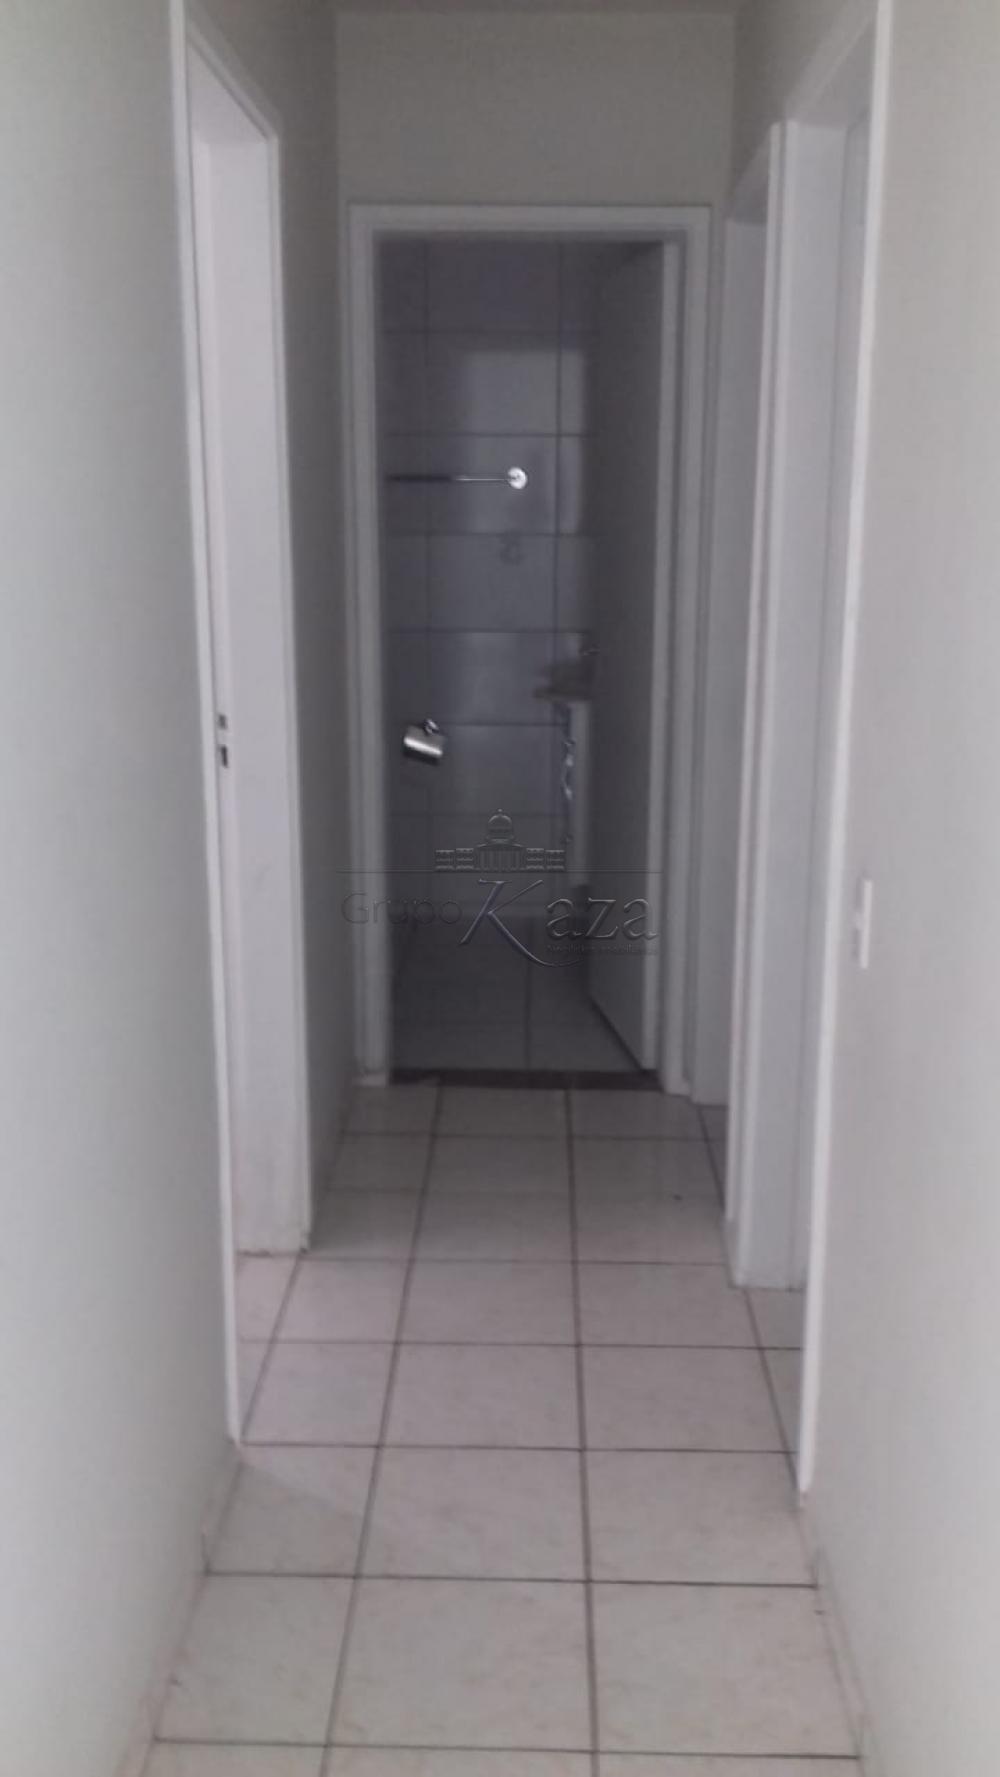 Alugar Apartamento / Padrão em São José dos Campos apenas R$ 1.000,00 - Foto 5